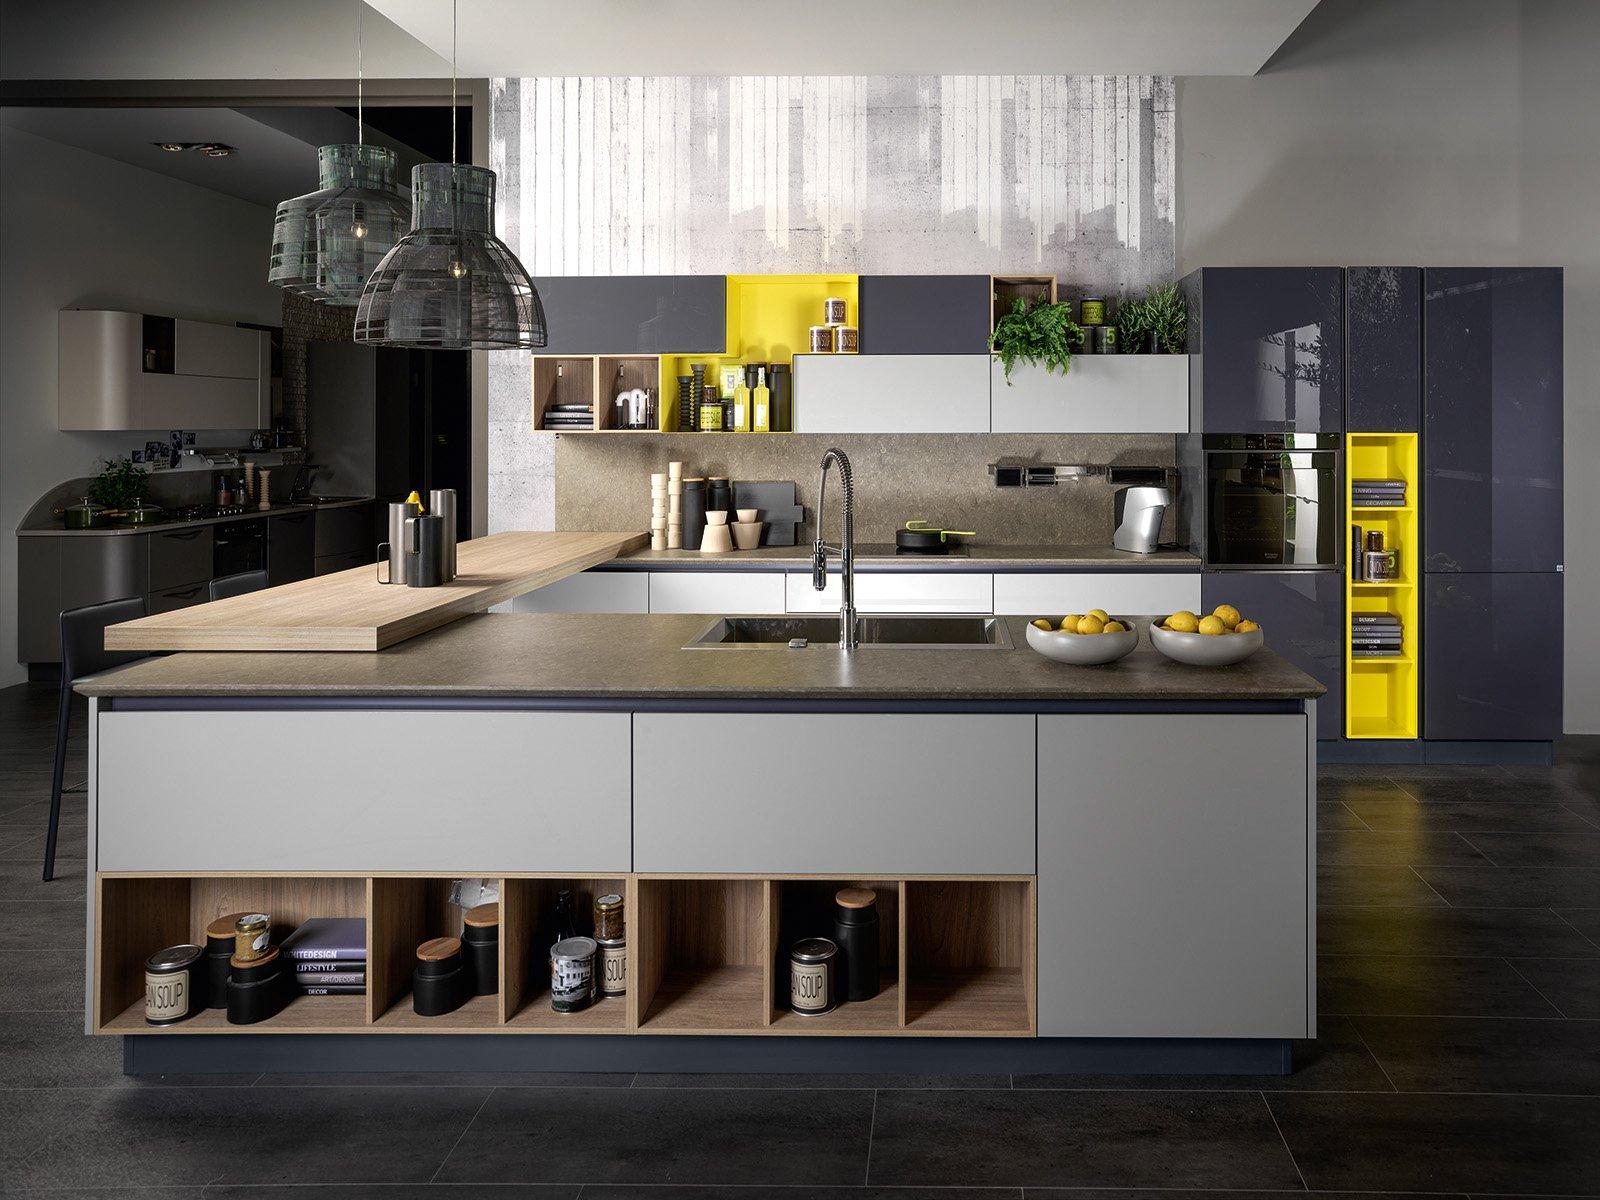 Pulizia Mobili Cucina Legno : Pulire la cucina prodotti diversi a seconda dei materiali cose